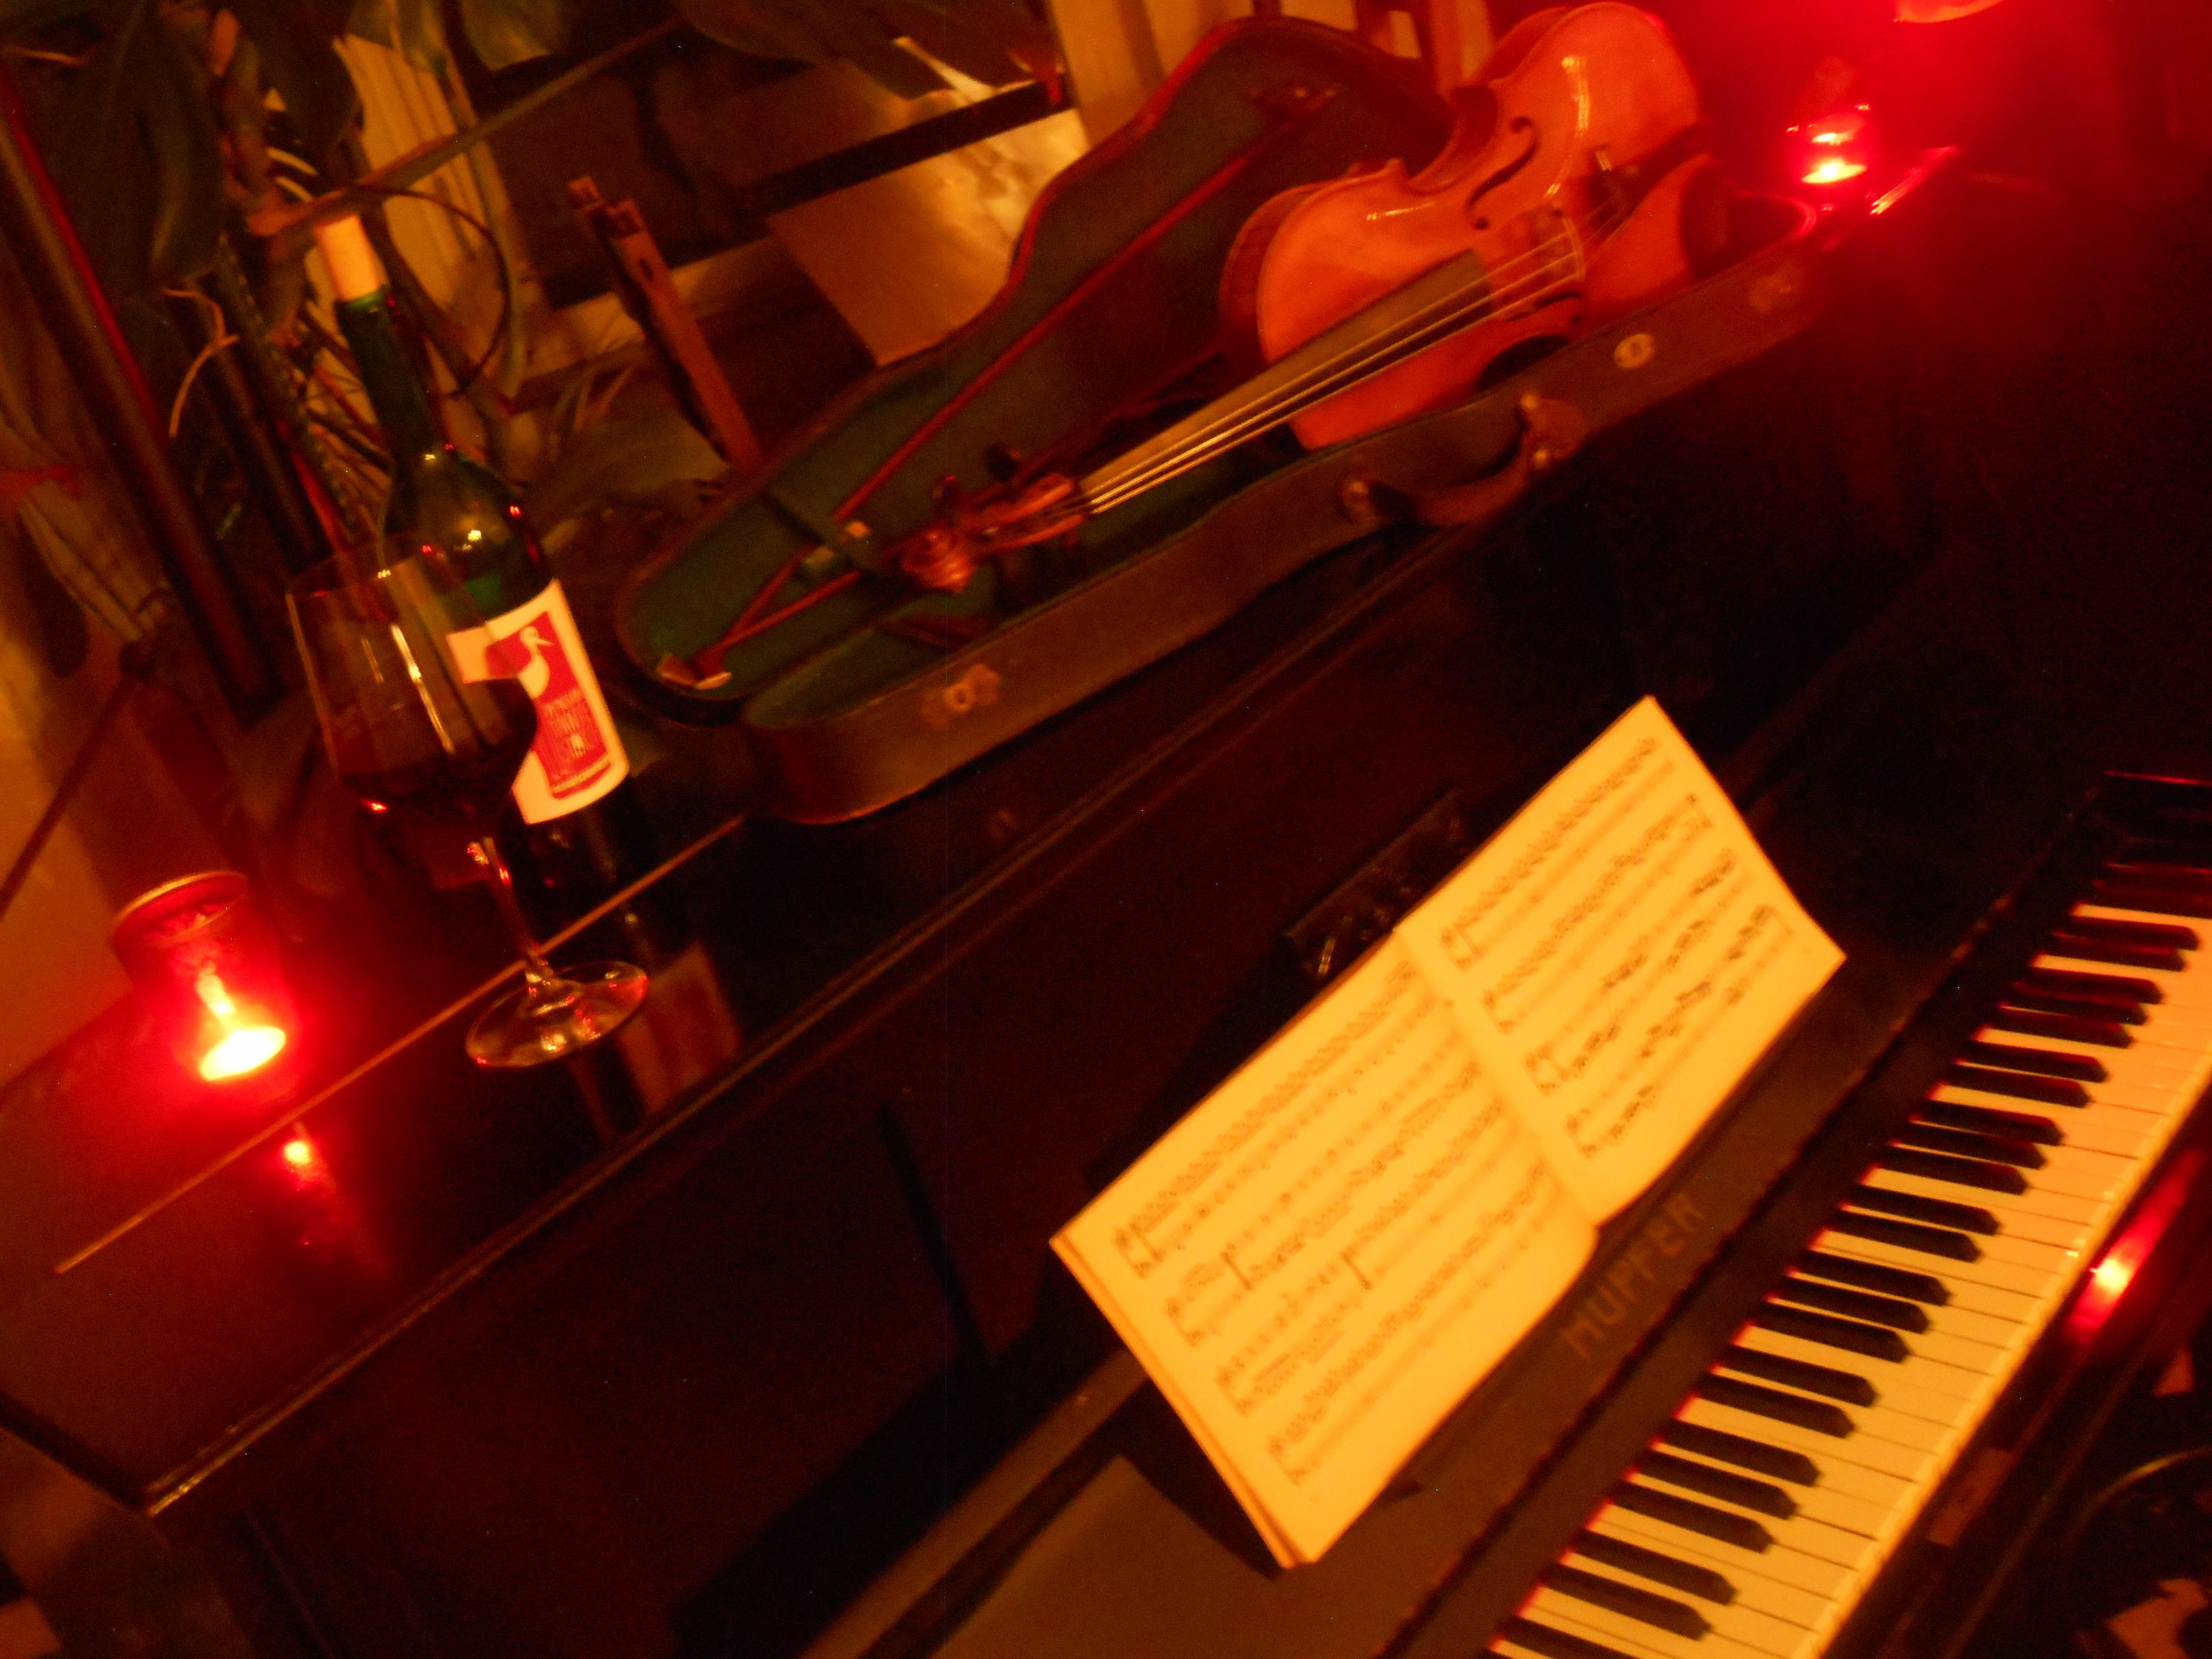 Unterkunft bei Pension Tante Storch zur Winterlichen Musikwoche